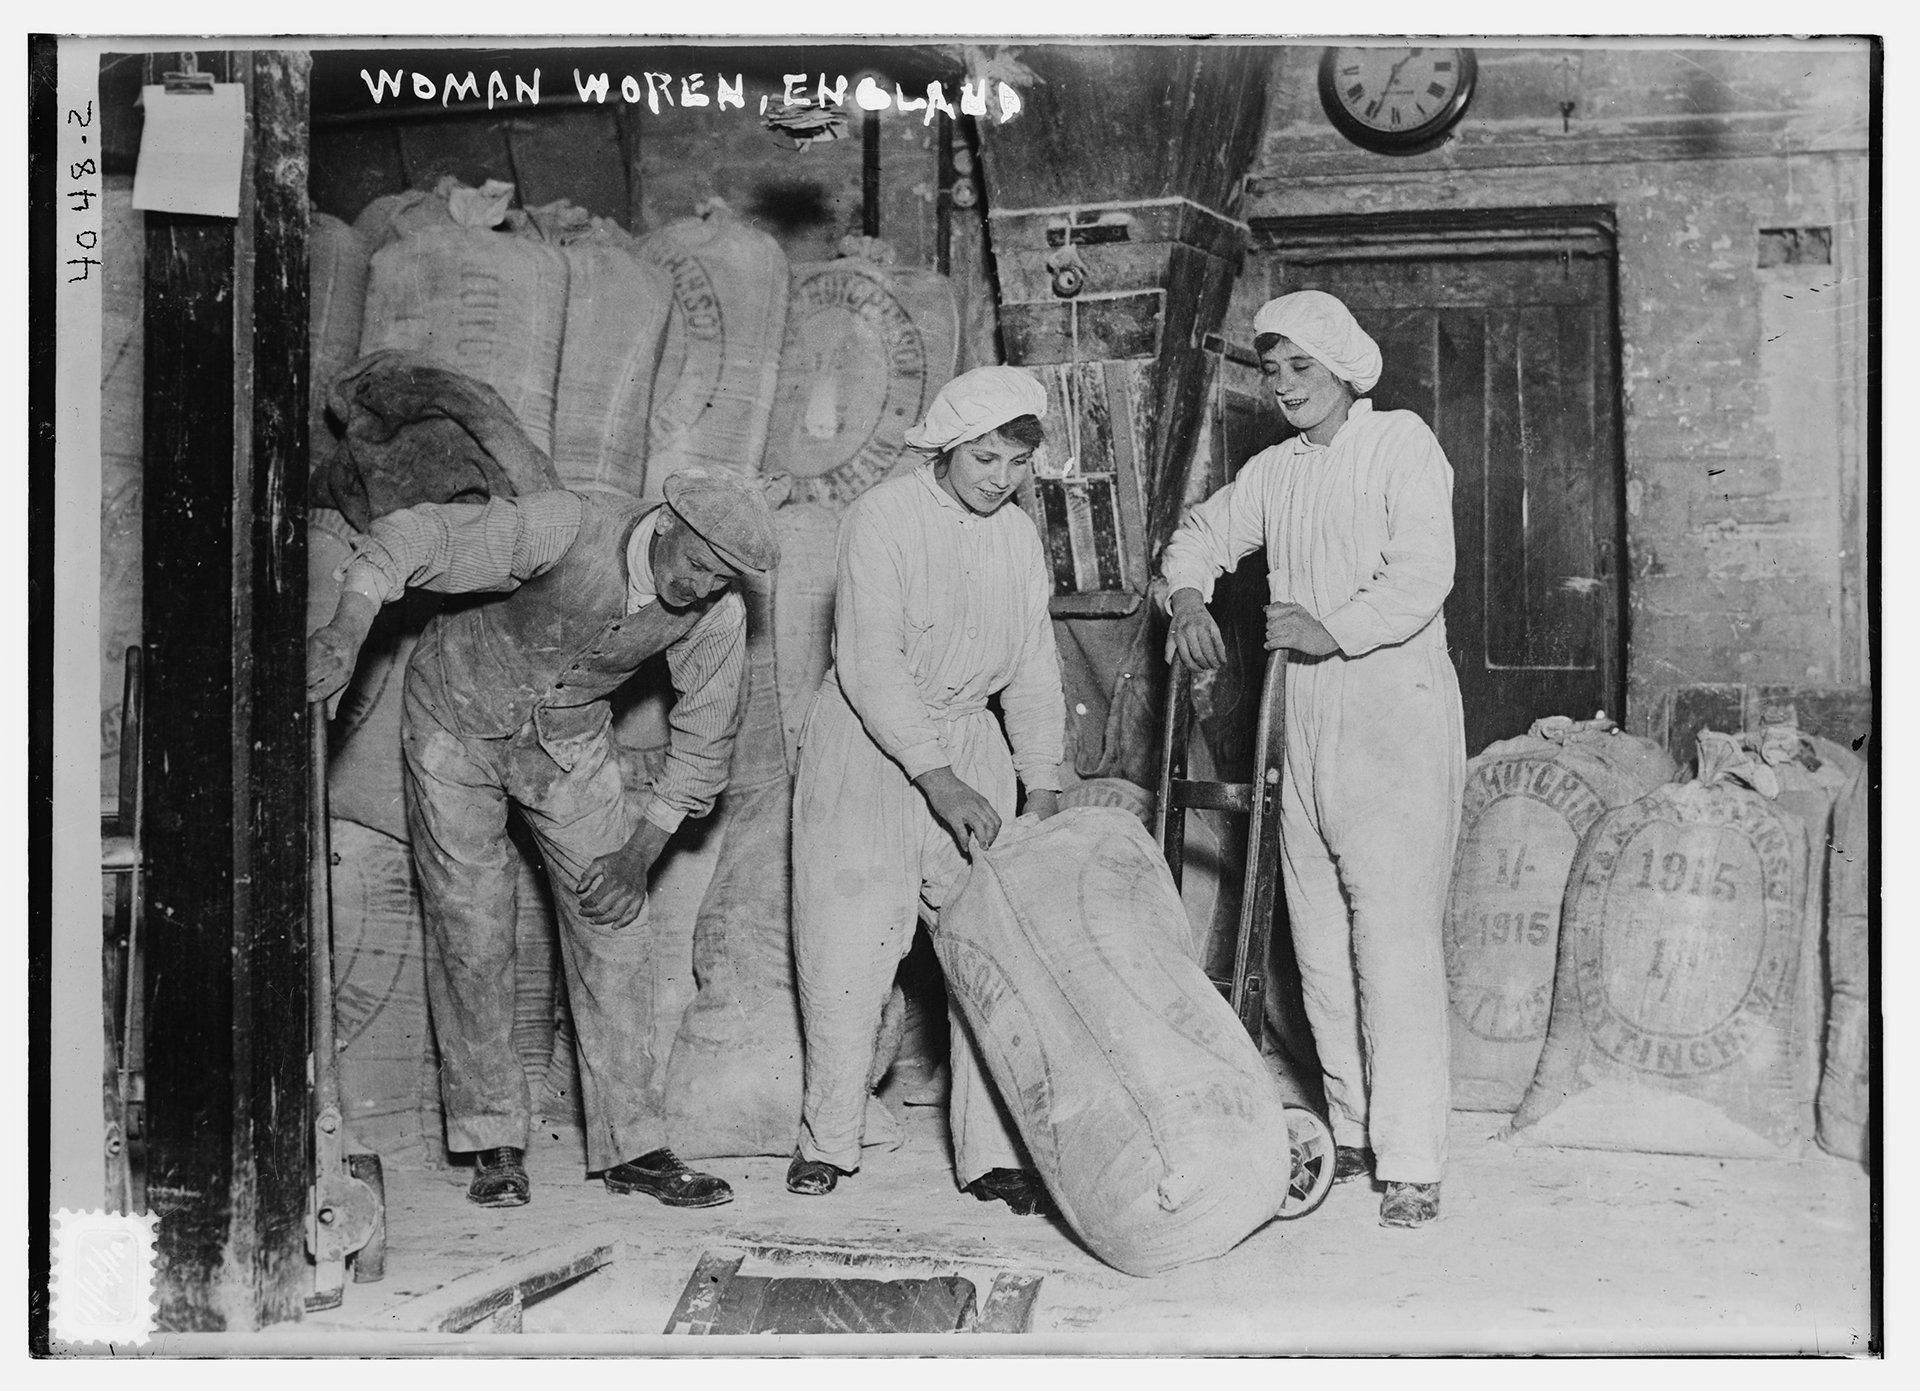 Mujeres en un molino de harina en Inglaterra, durante la Primera Guerra Mundial